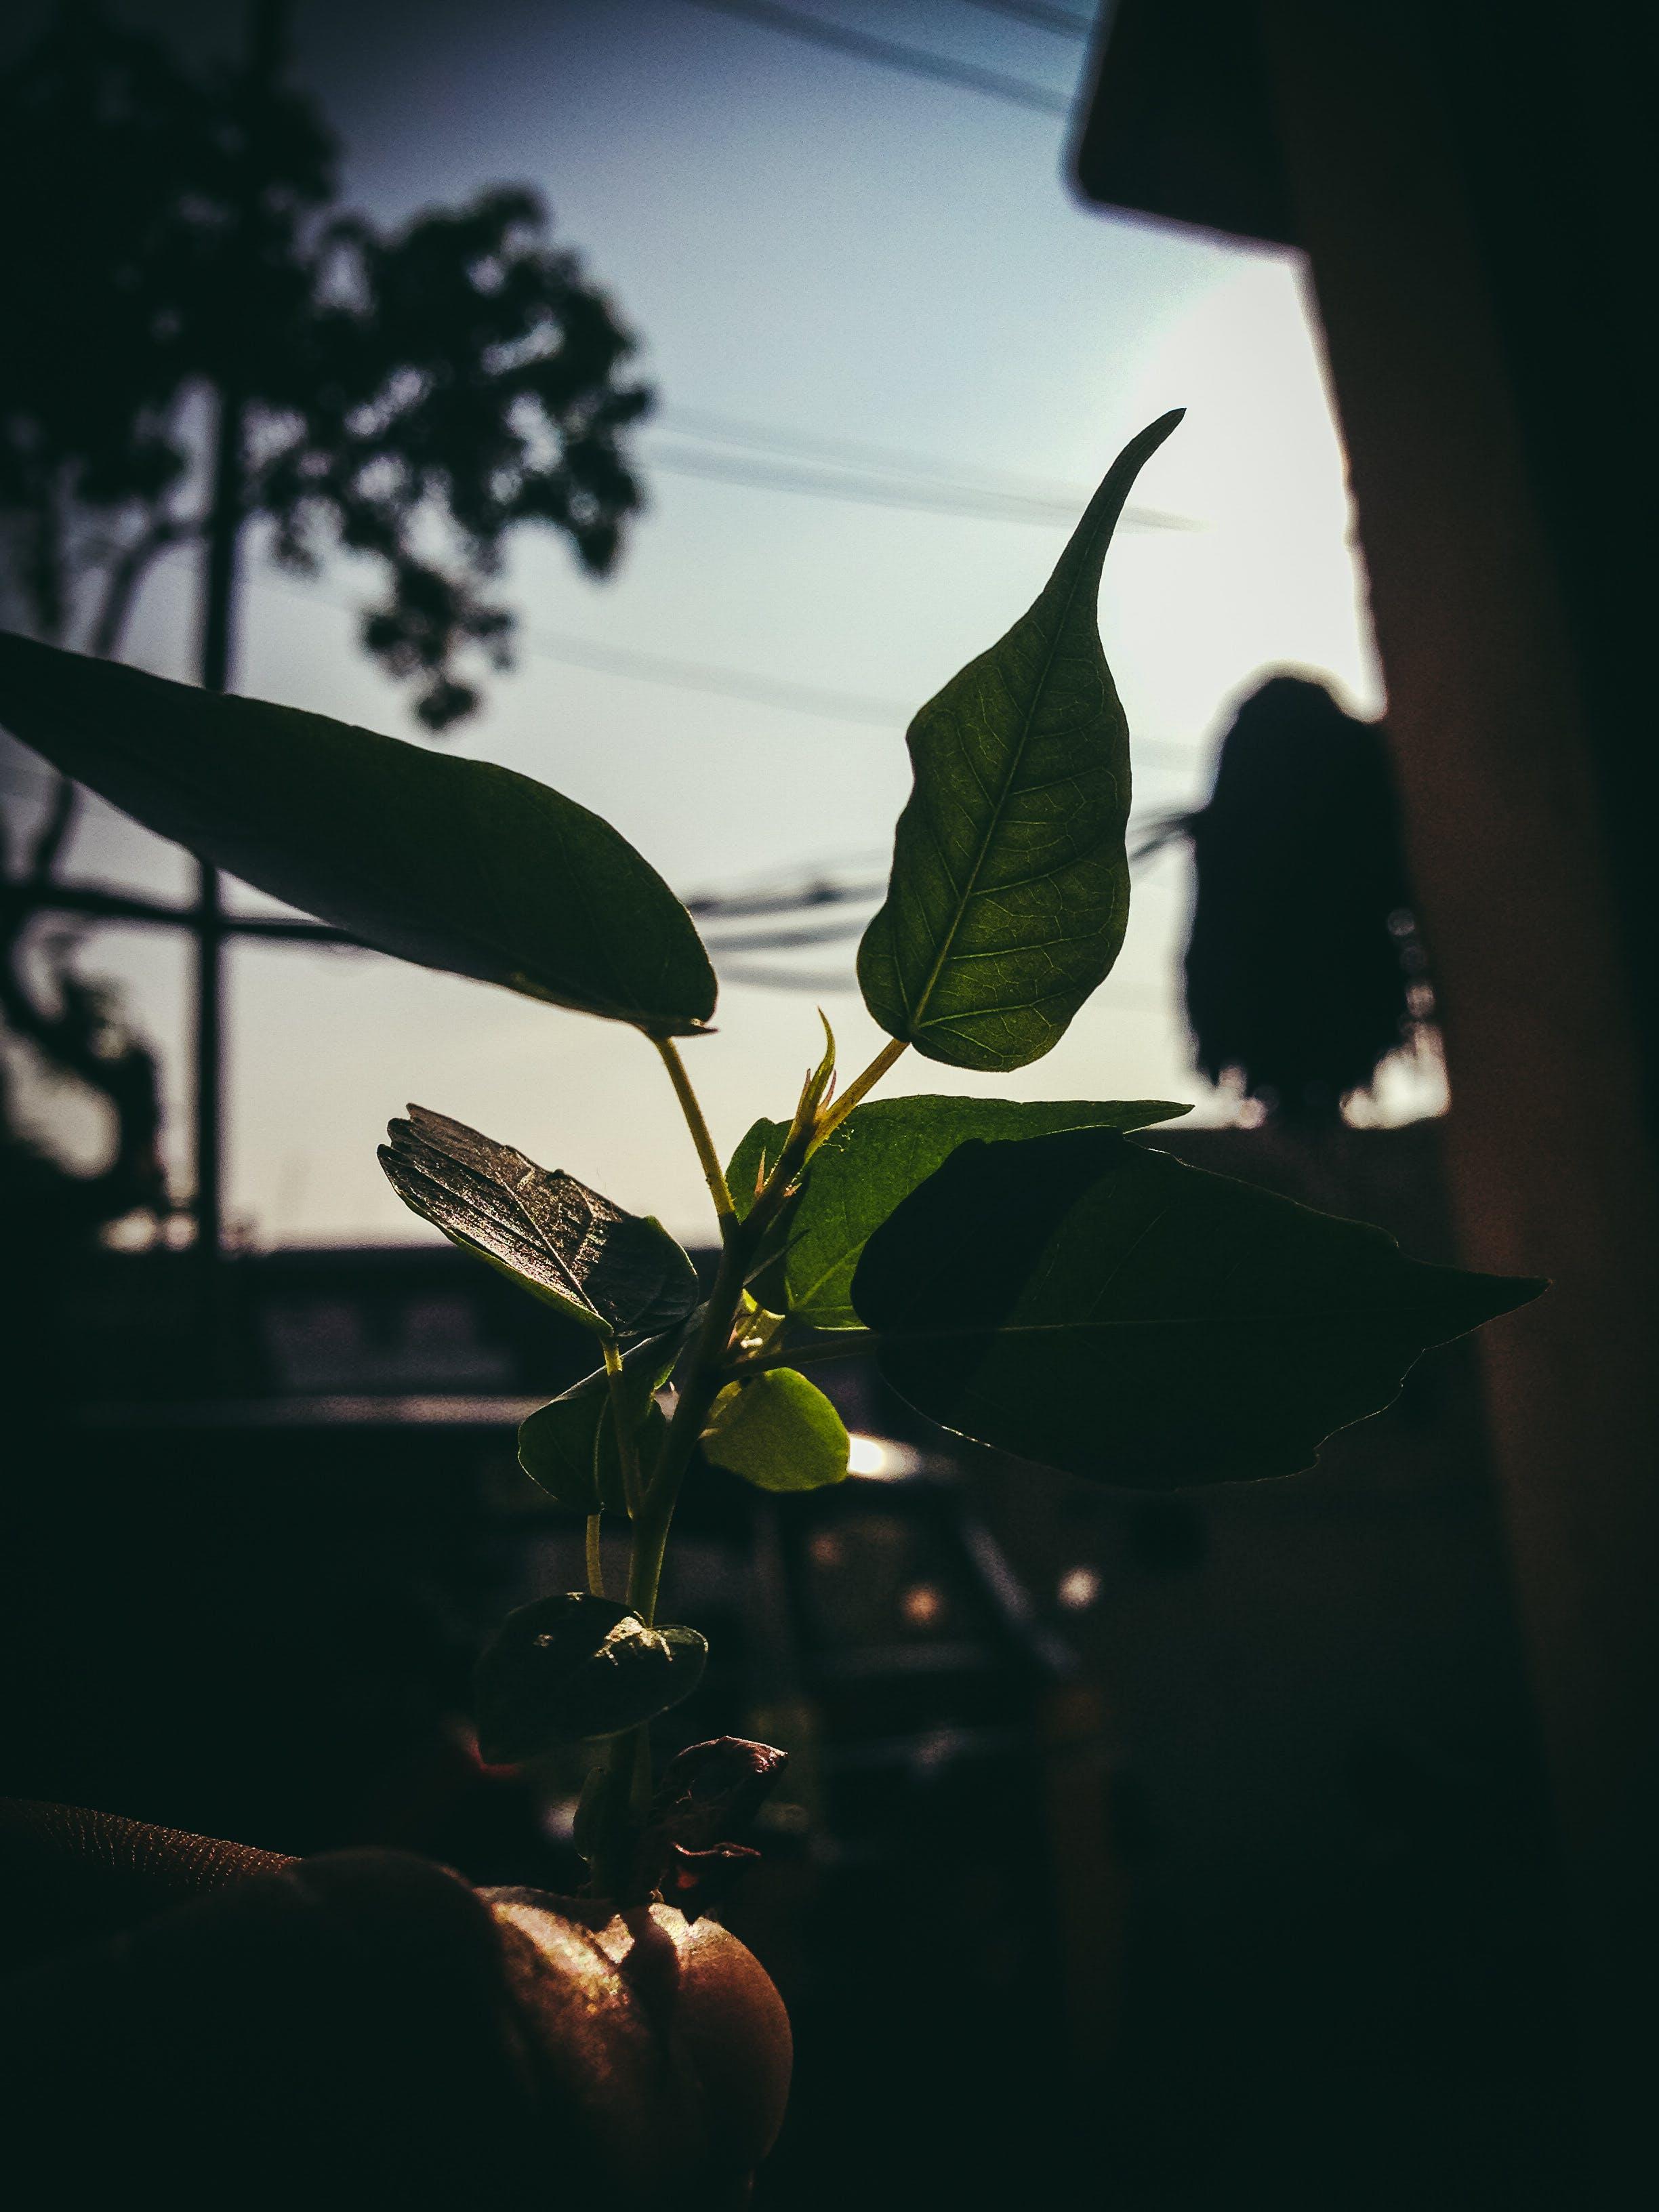 Foto profissional grátis de iluminado por trás, planta